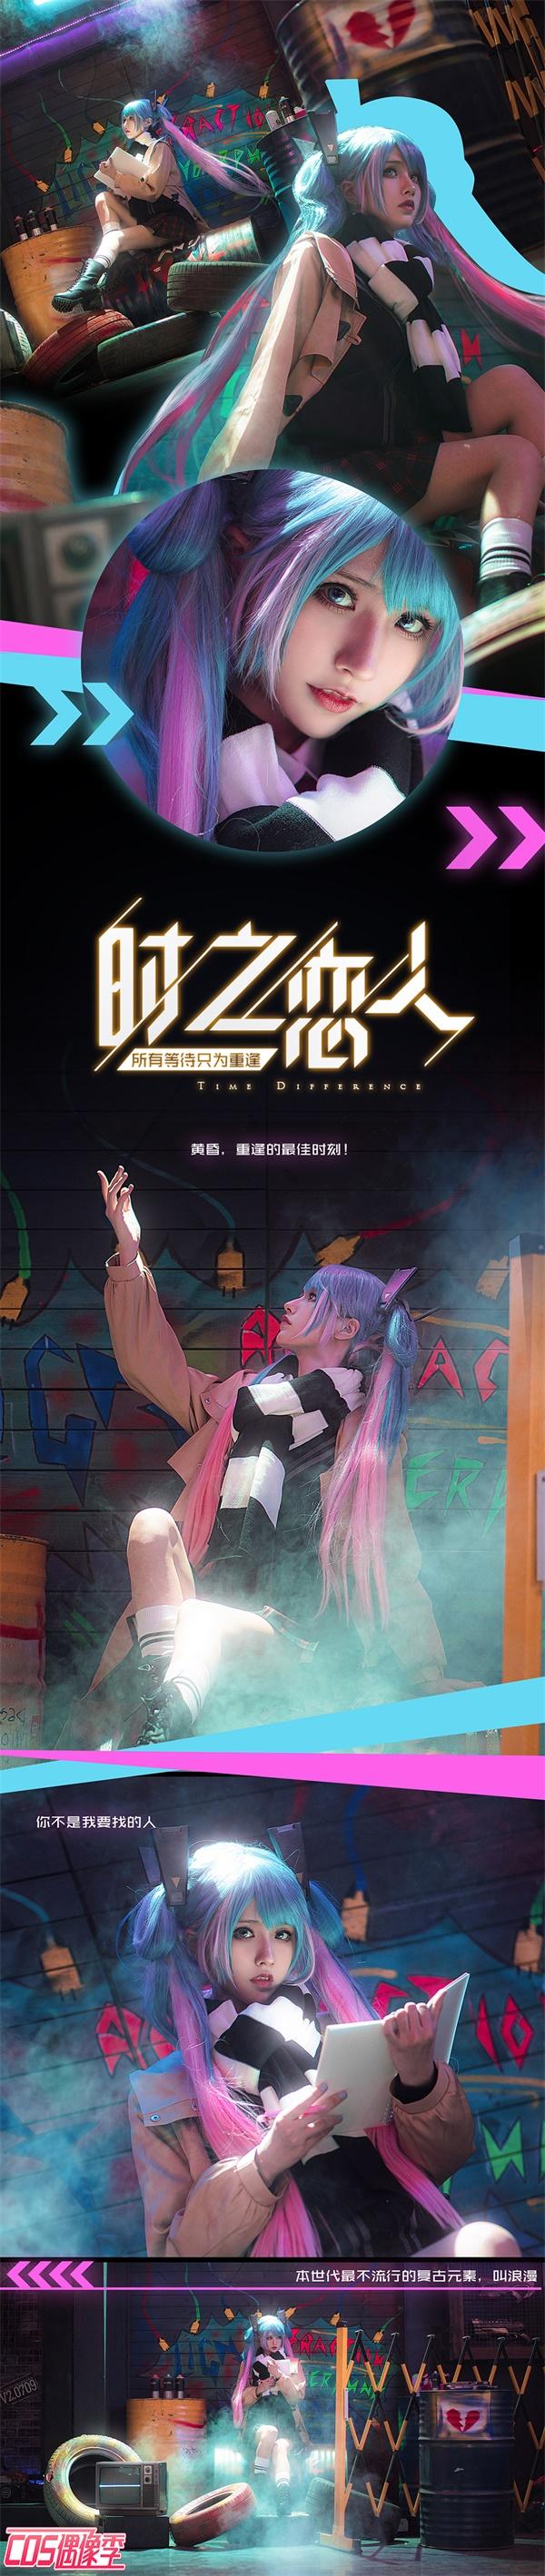 cosplay:《王者榮耀》孫尚香@動詞大茗音-圖2